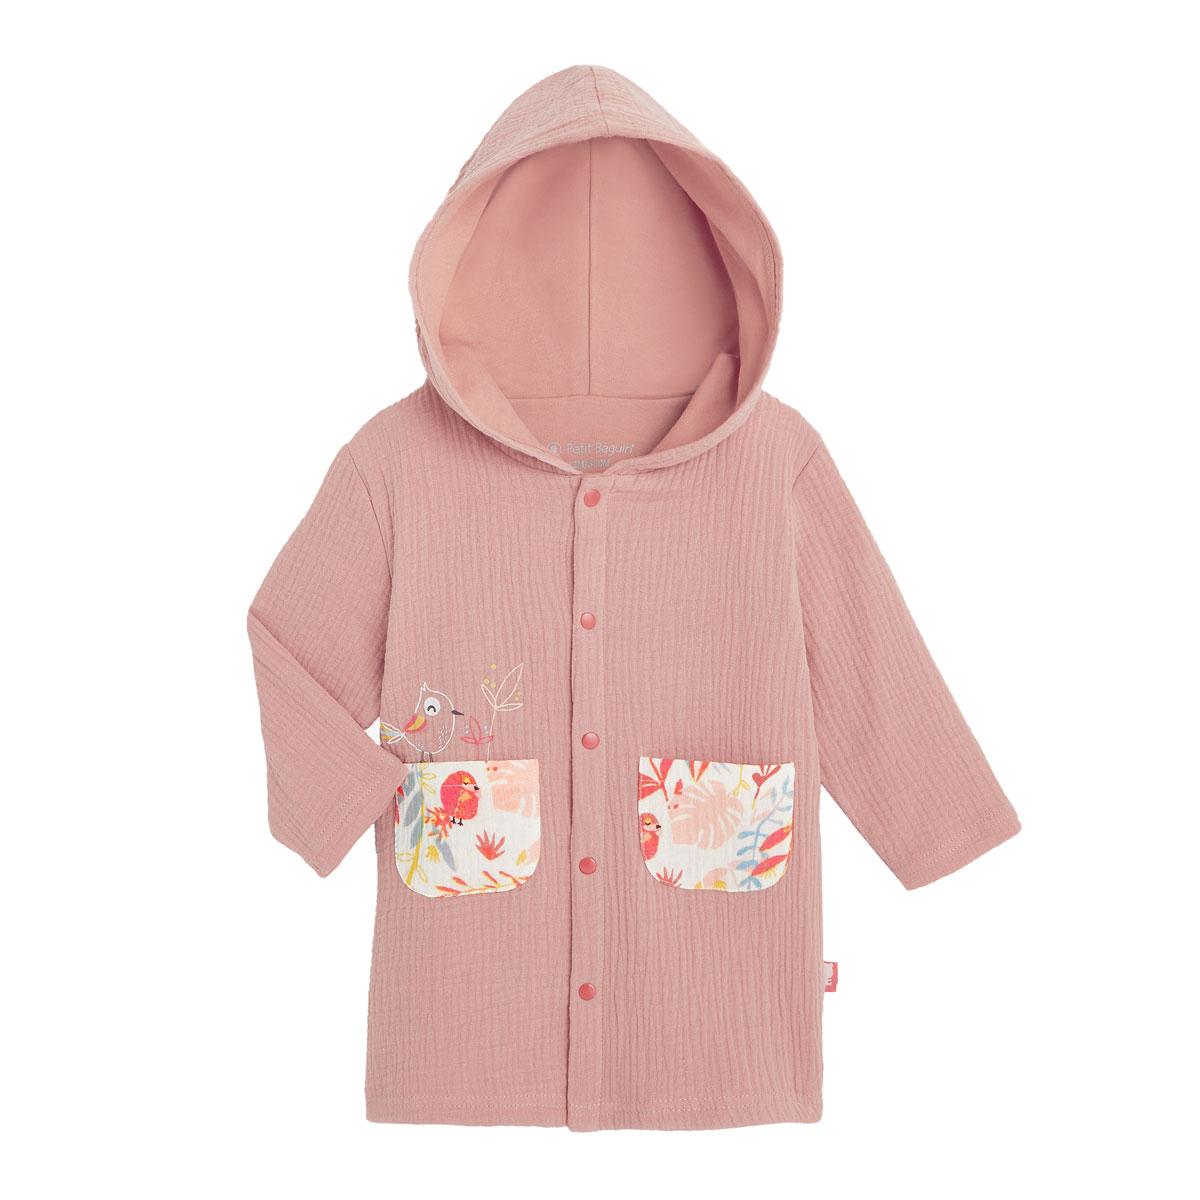 Robe de chambre doublée bébé fille Tropic